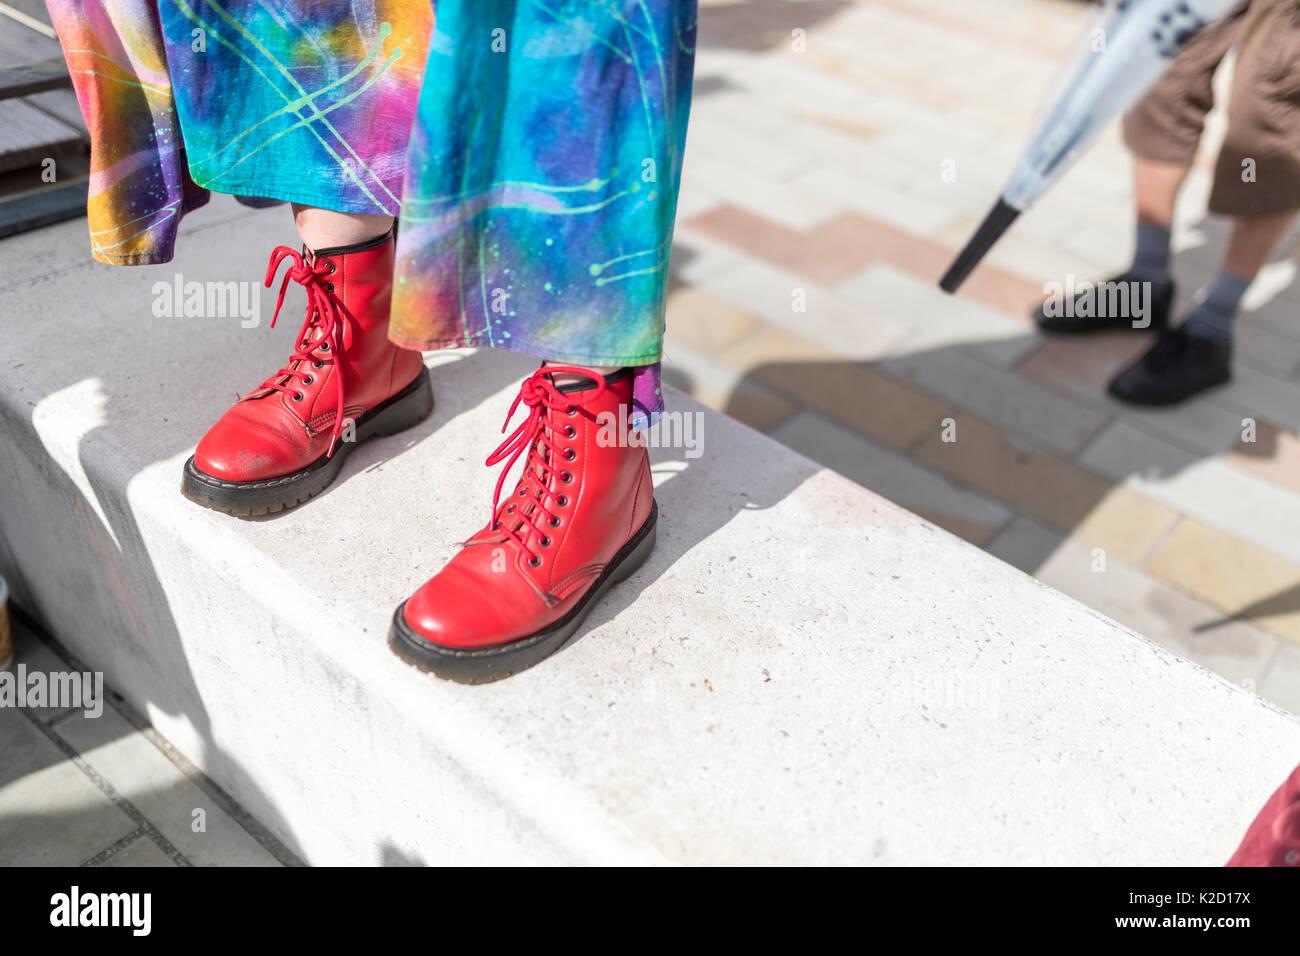 0e510bb809dd06 Iconic BRITISCHE mode Dr Martens rote Stiefel bei einem Festival in das  Vereinigte Königreich